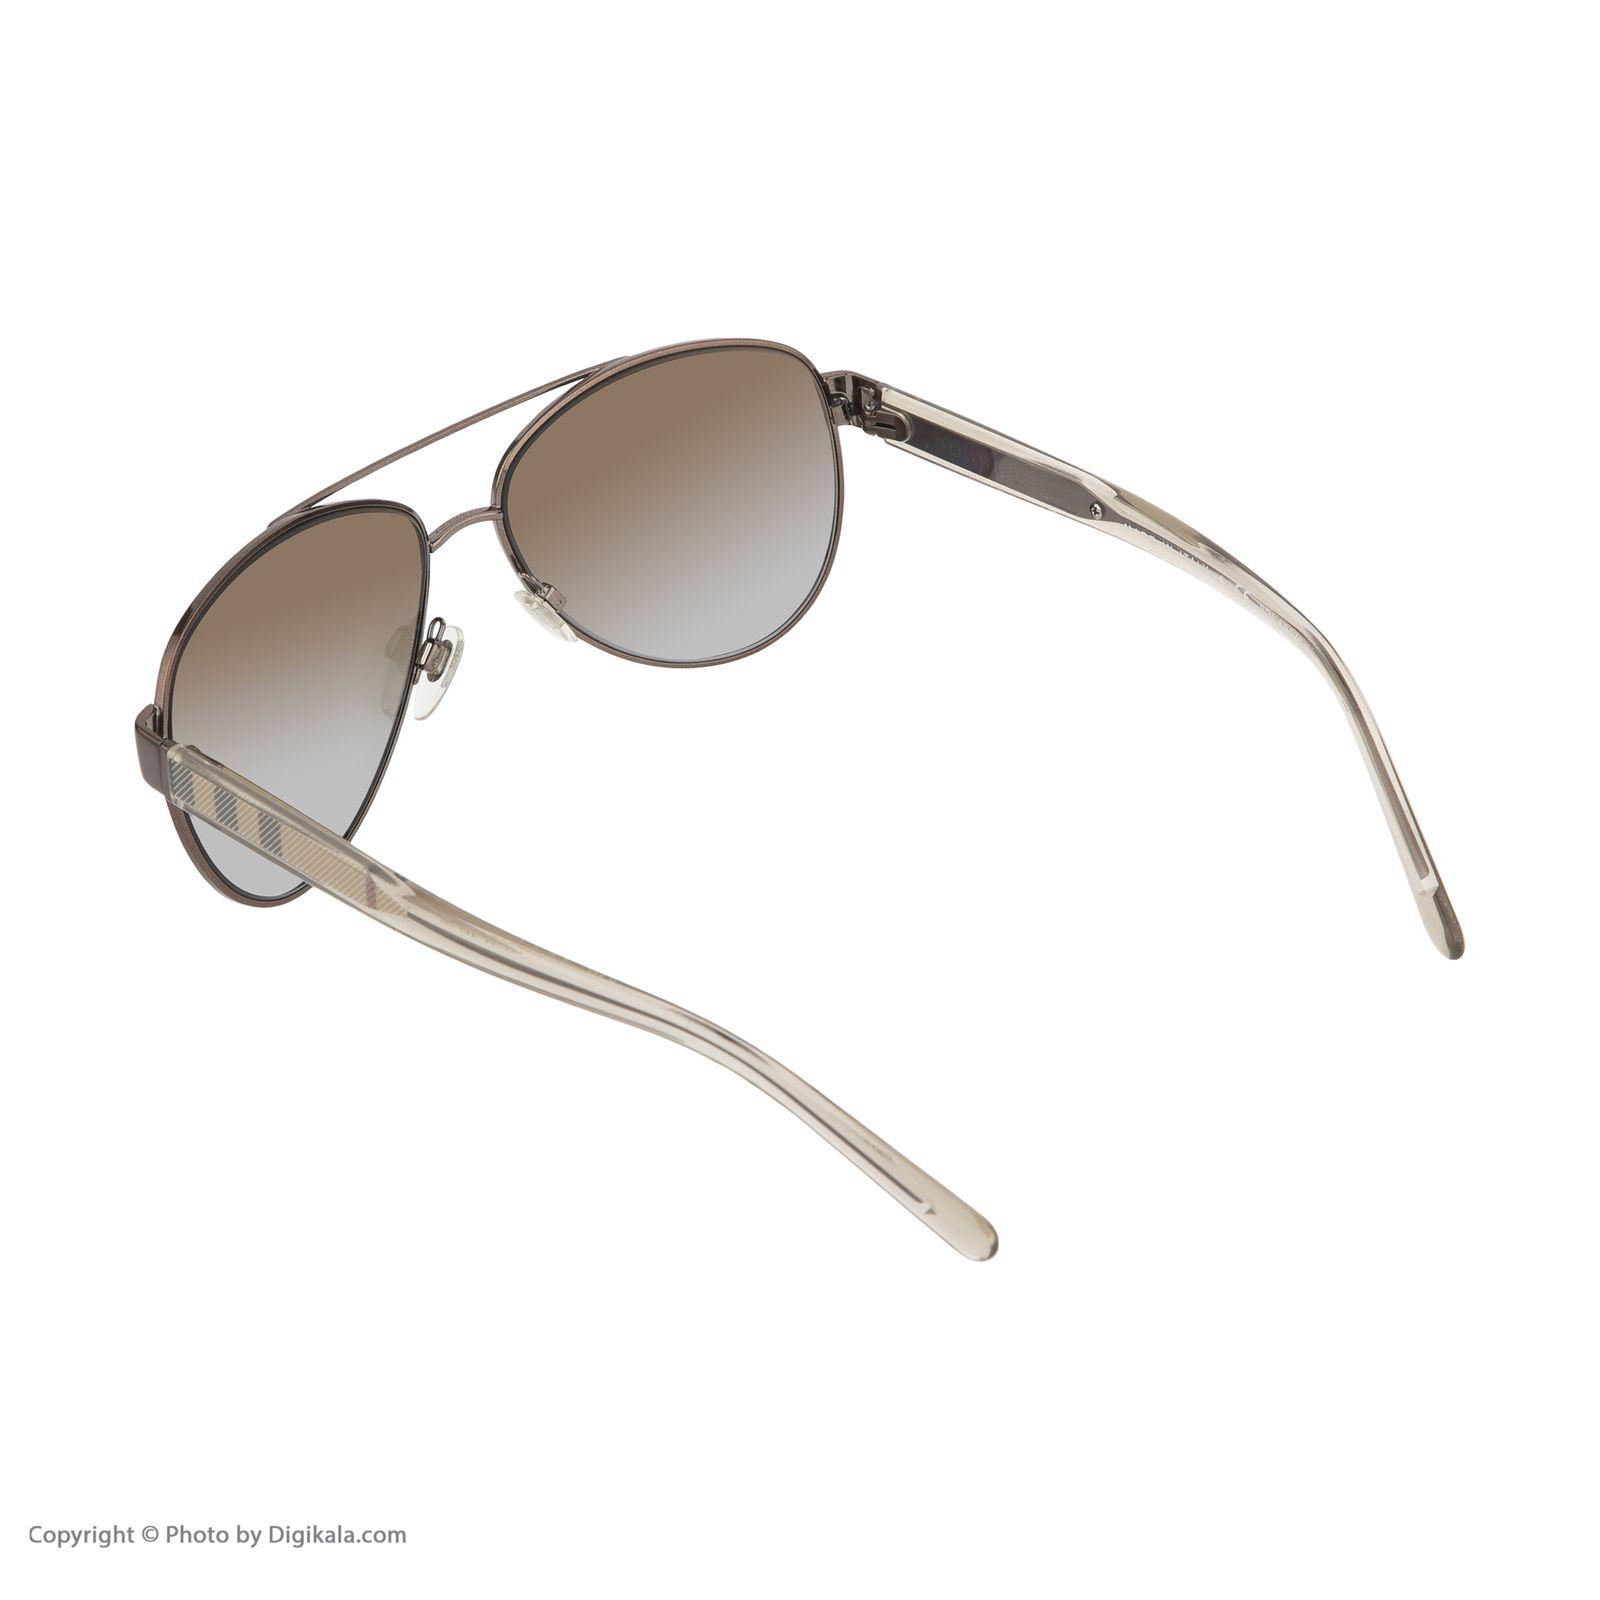 عینک آفتابی زنانه بربری مدل BE 3084S 1212T5 57 -  - 5